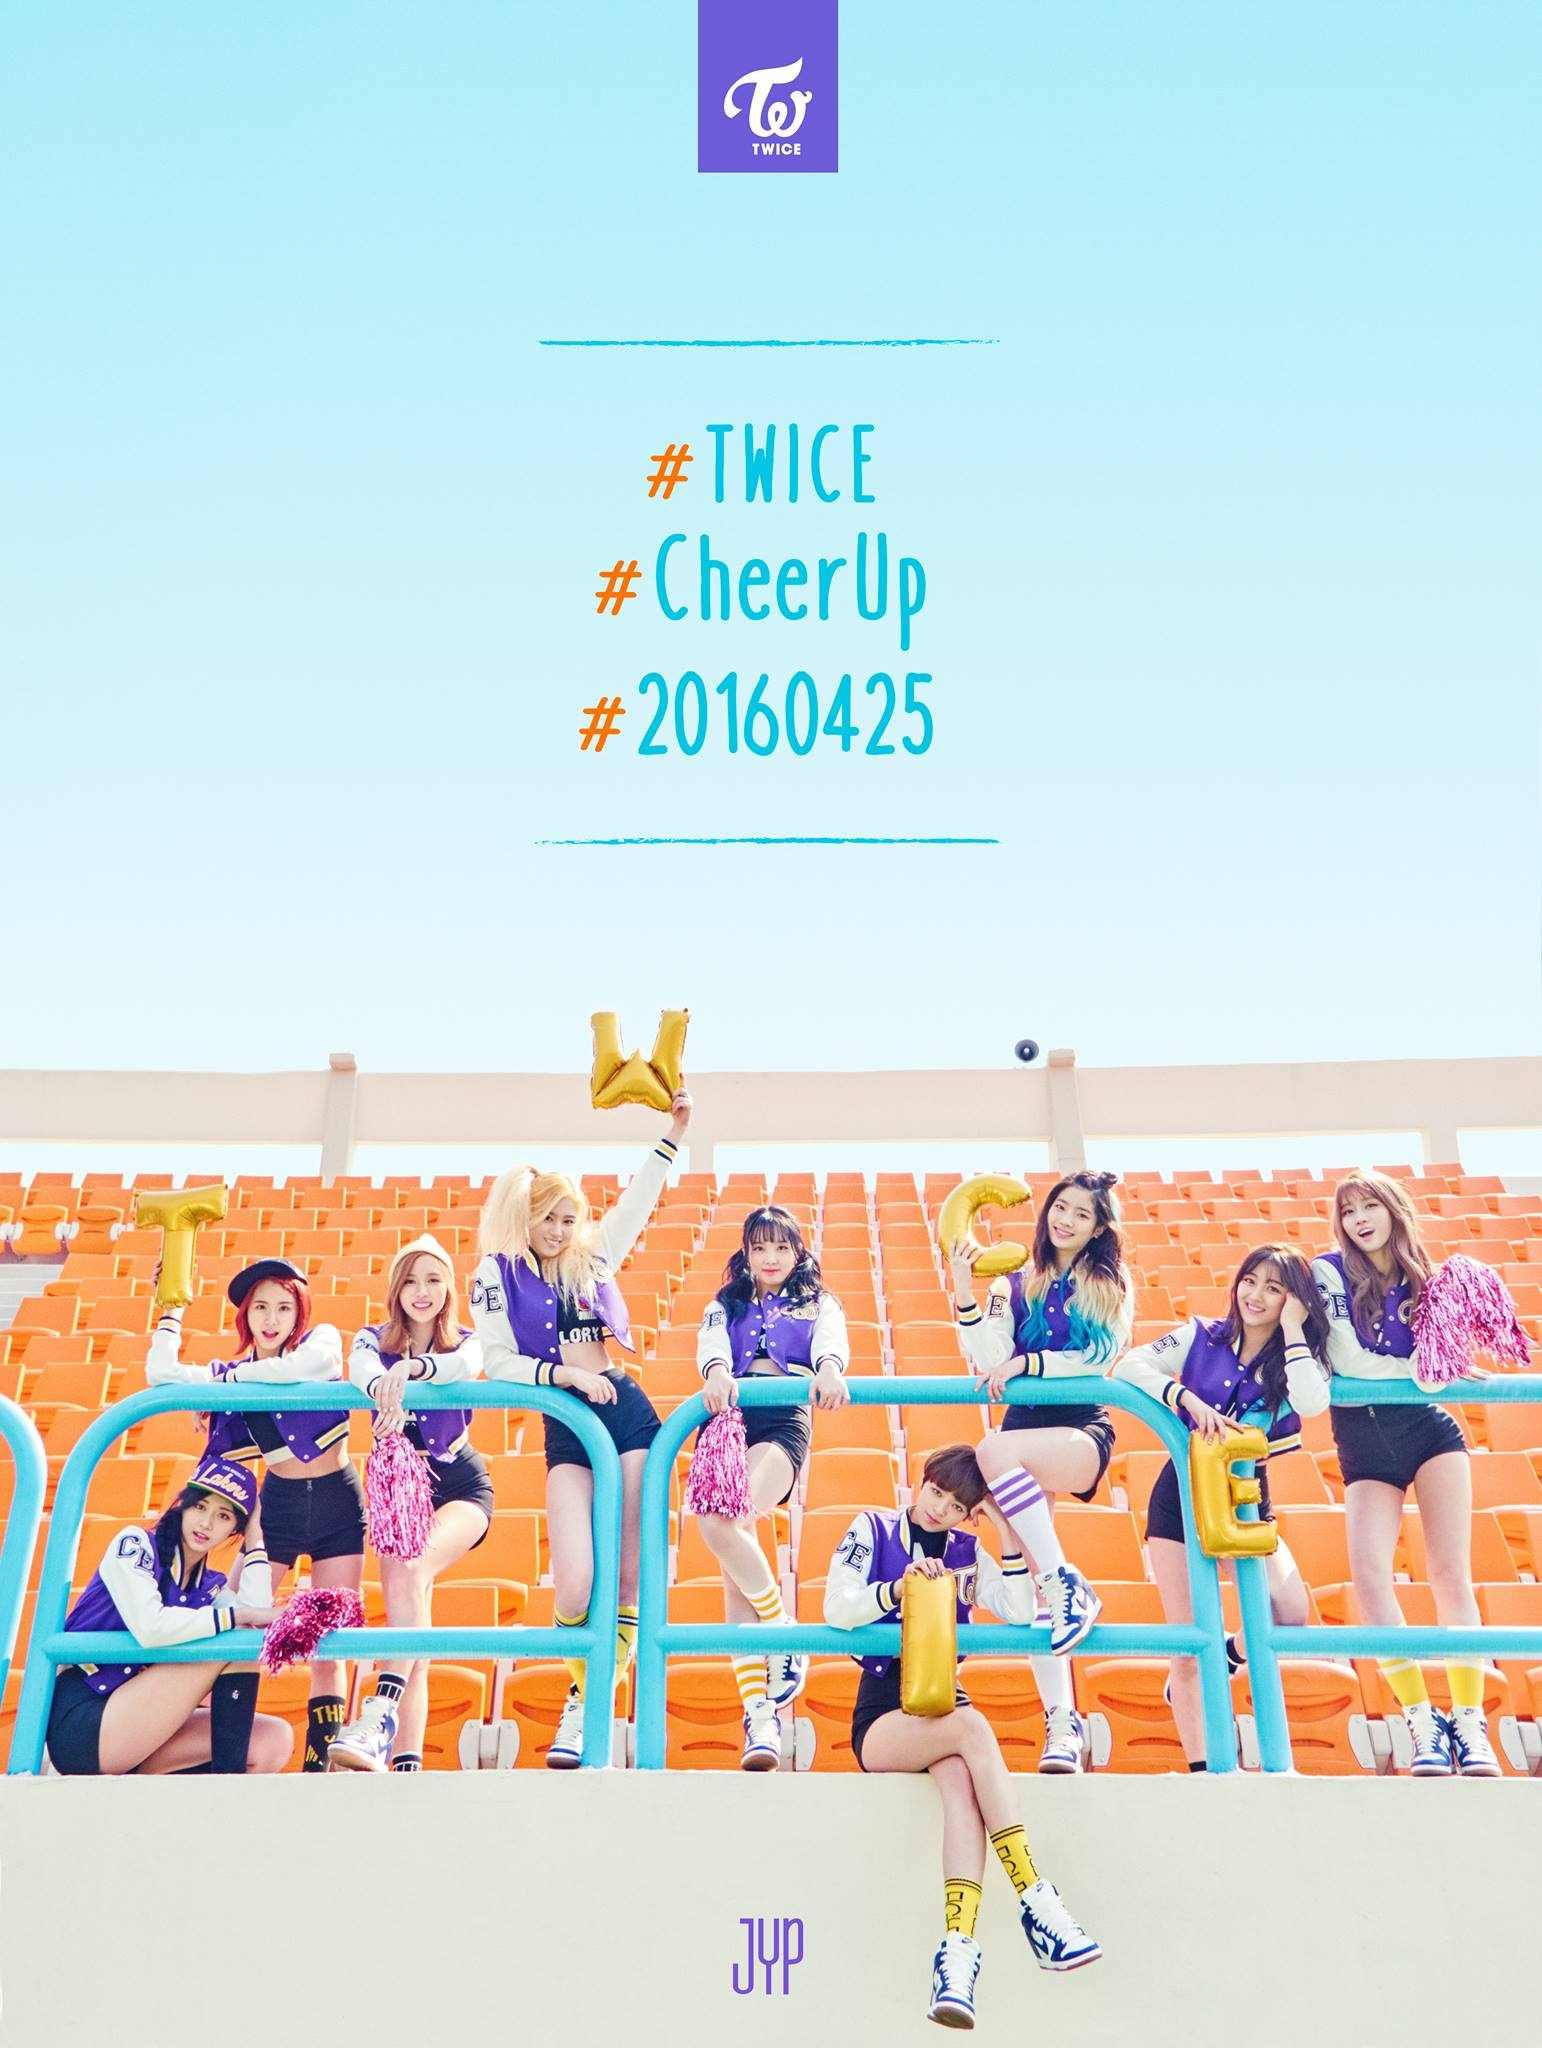 延續了JYP家喜歡在為旗下團體加入數字及英文字母命名的傳統,最近剛成軍滿300日的TWICE以《Cheer up》橫掃音源榜,到現在還在Melon音源的週榜上,